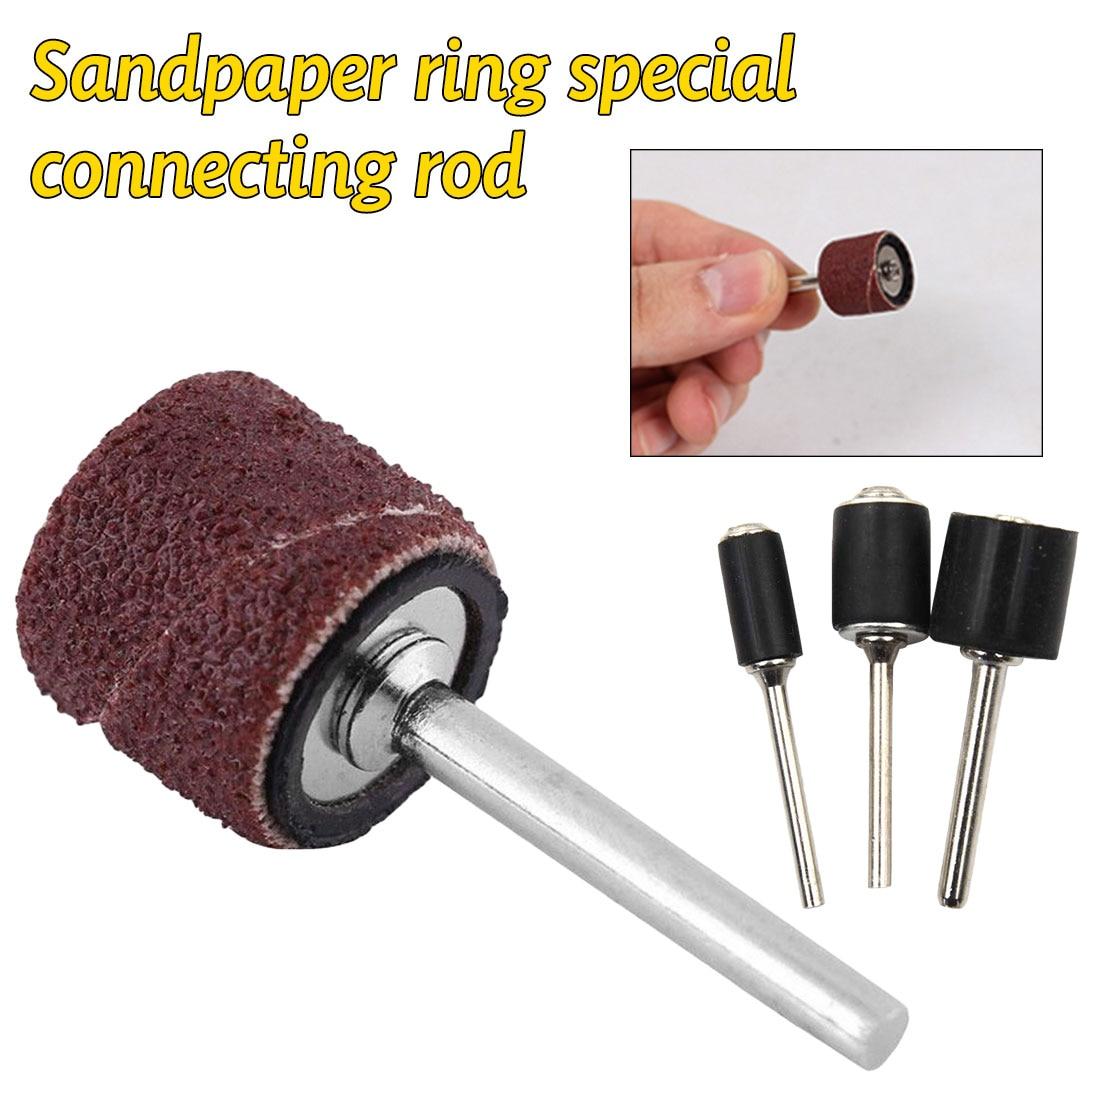 1/8 1/4 Inch Grinder Drum Sanding Sandpaper Circle Kit Polishing Nails For  Rubber Drum Mandrel Grinder Accessories Sandpaper